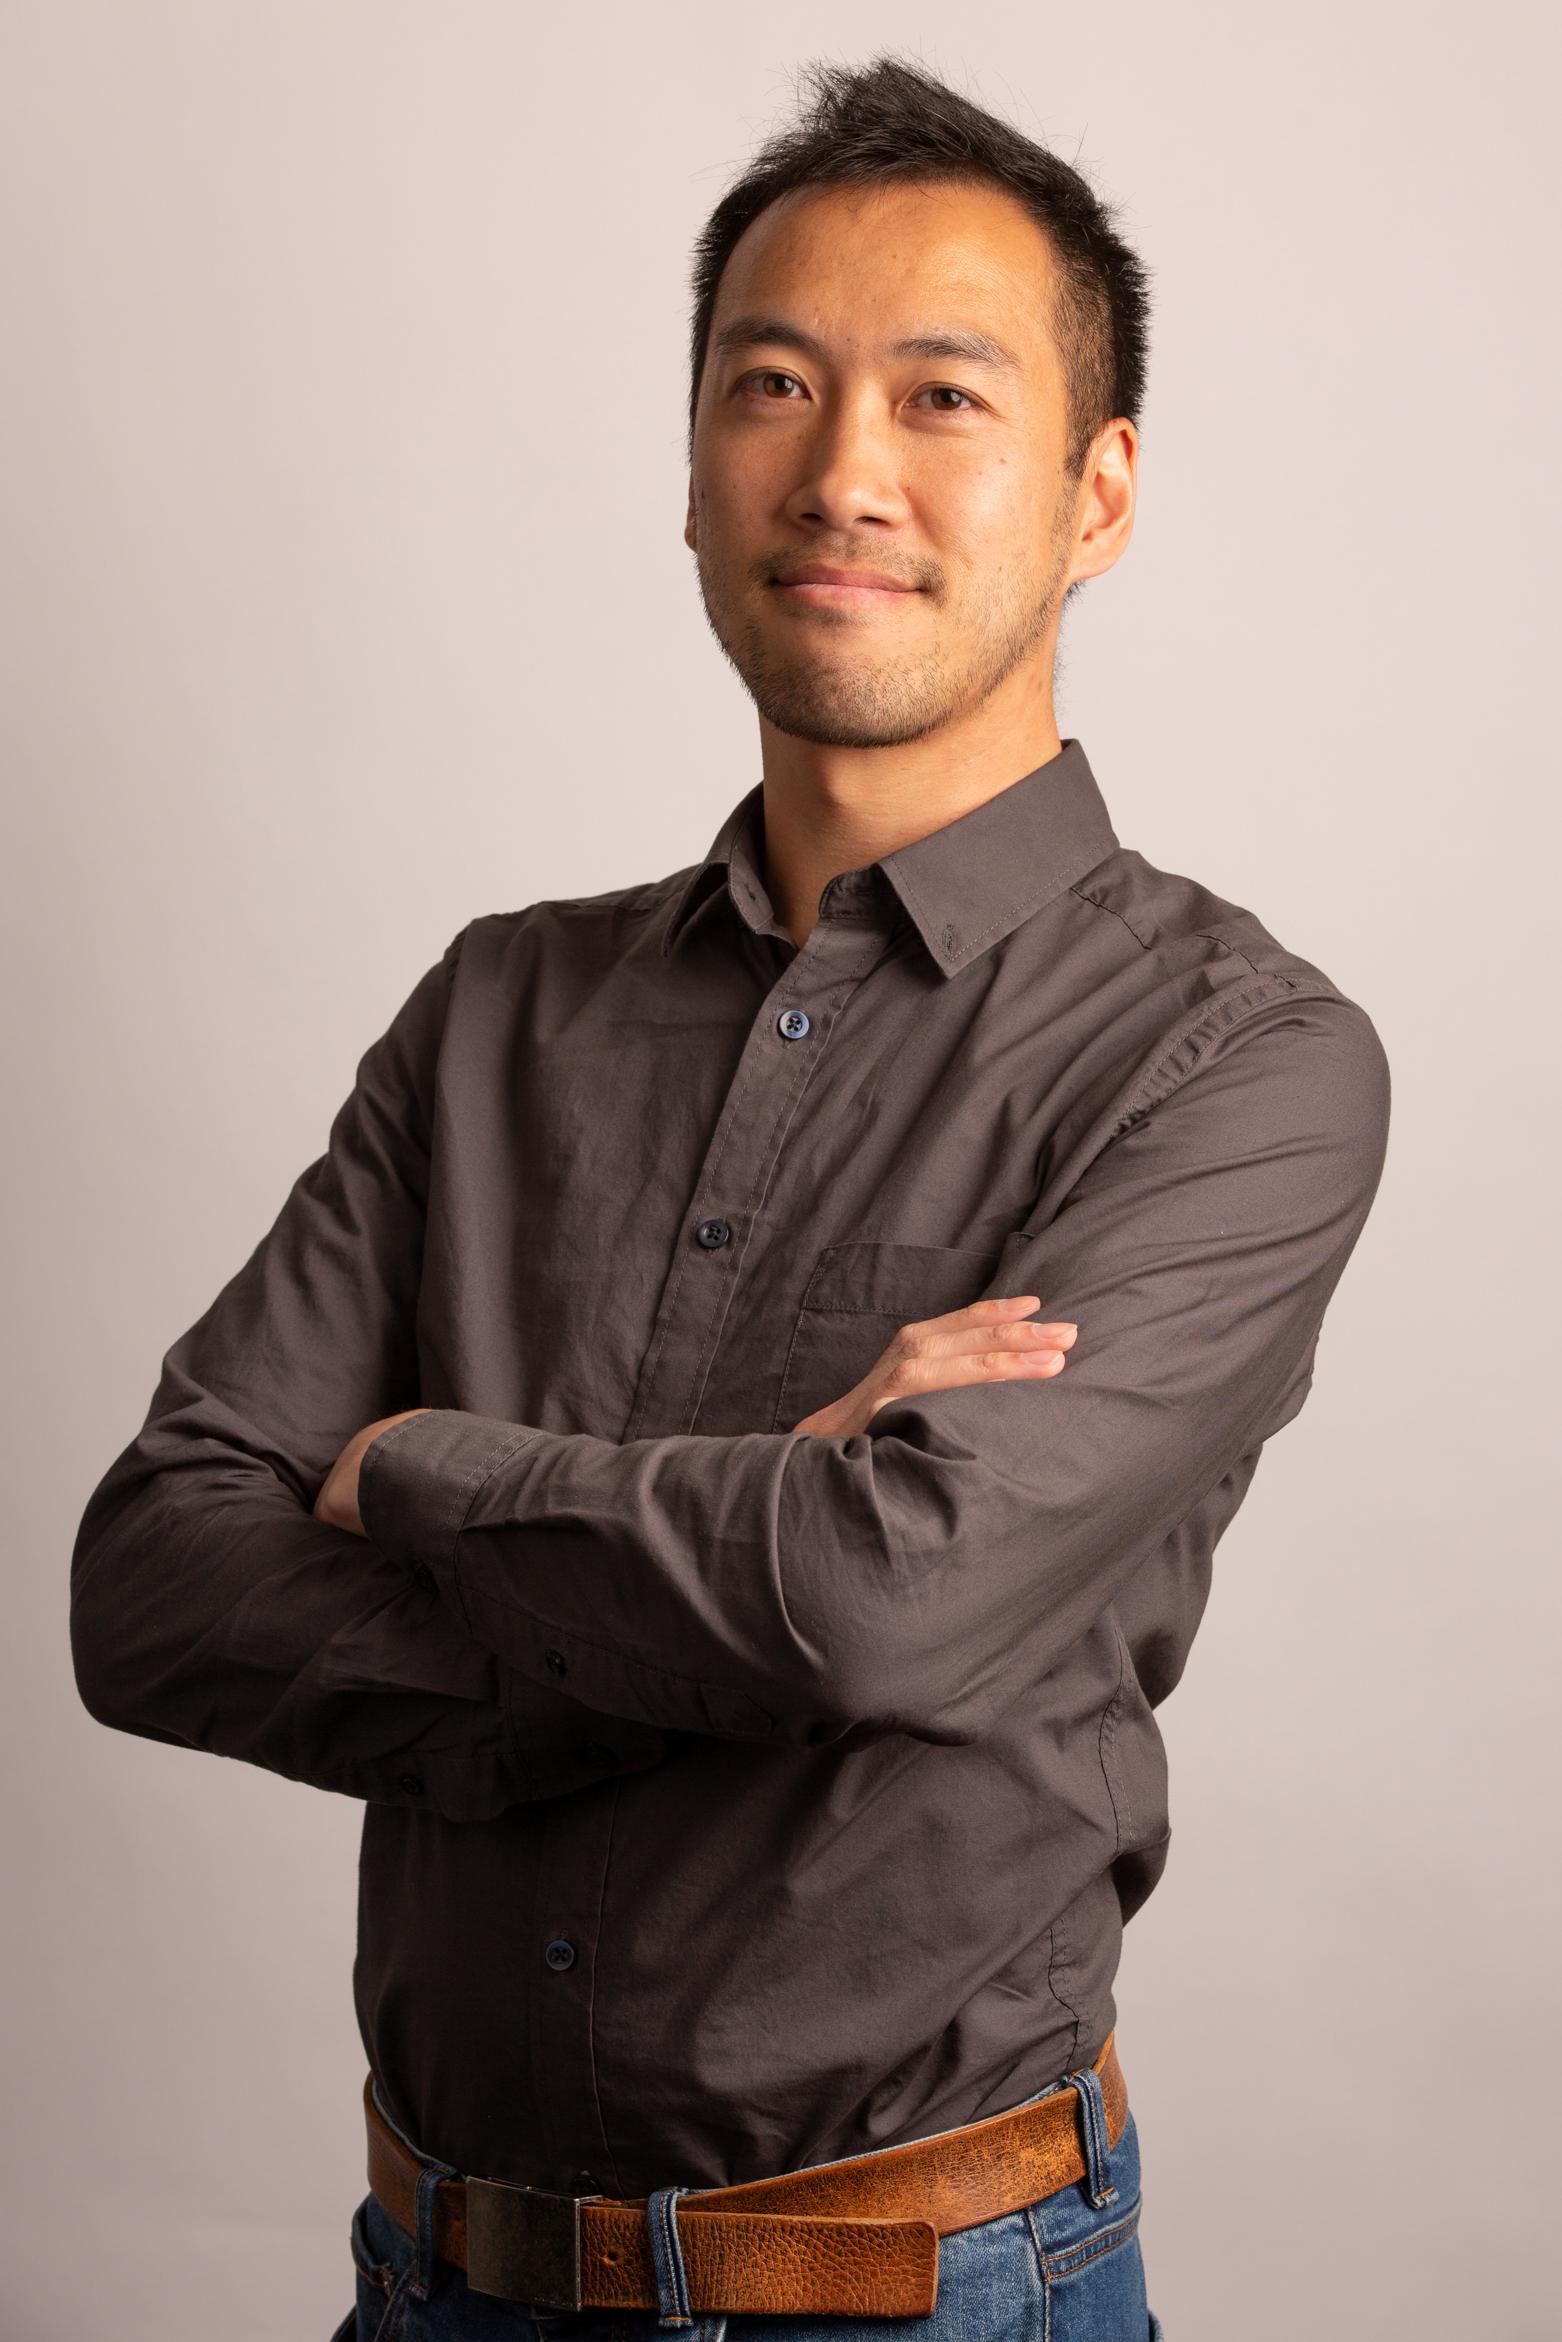 Thomas Ng